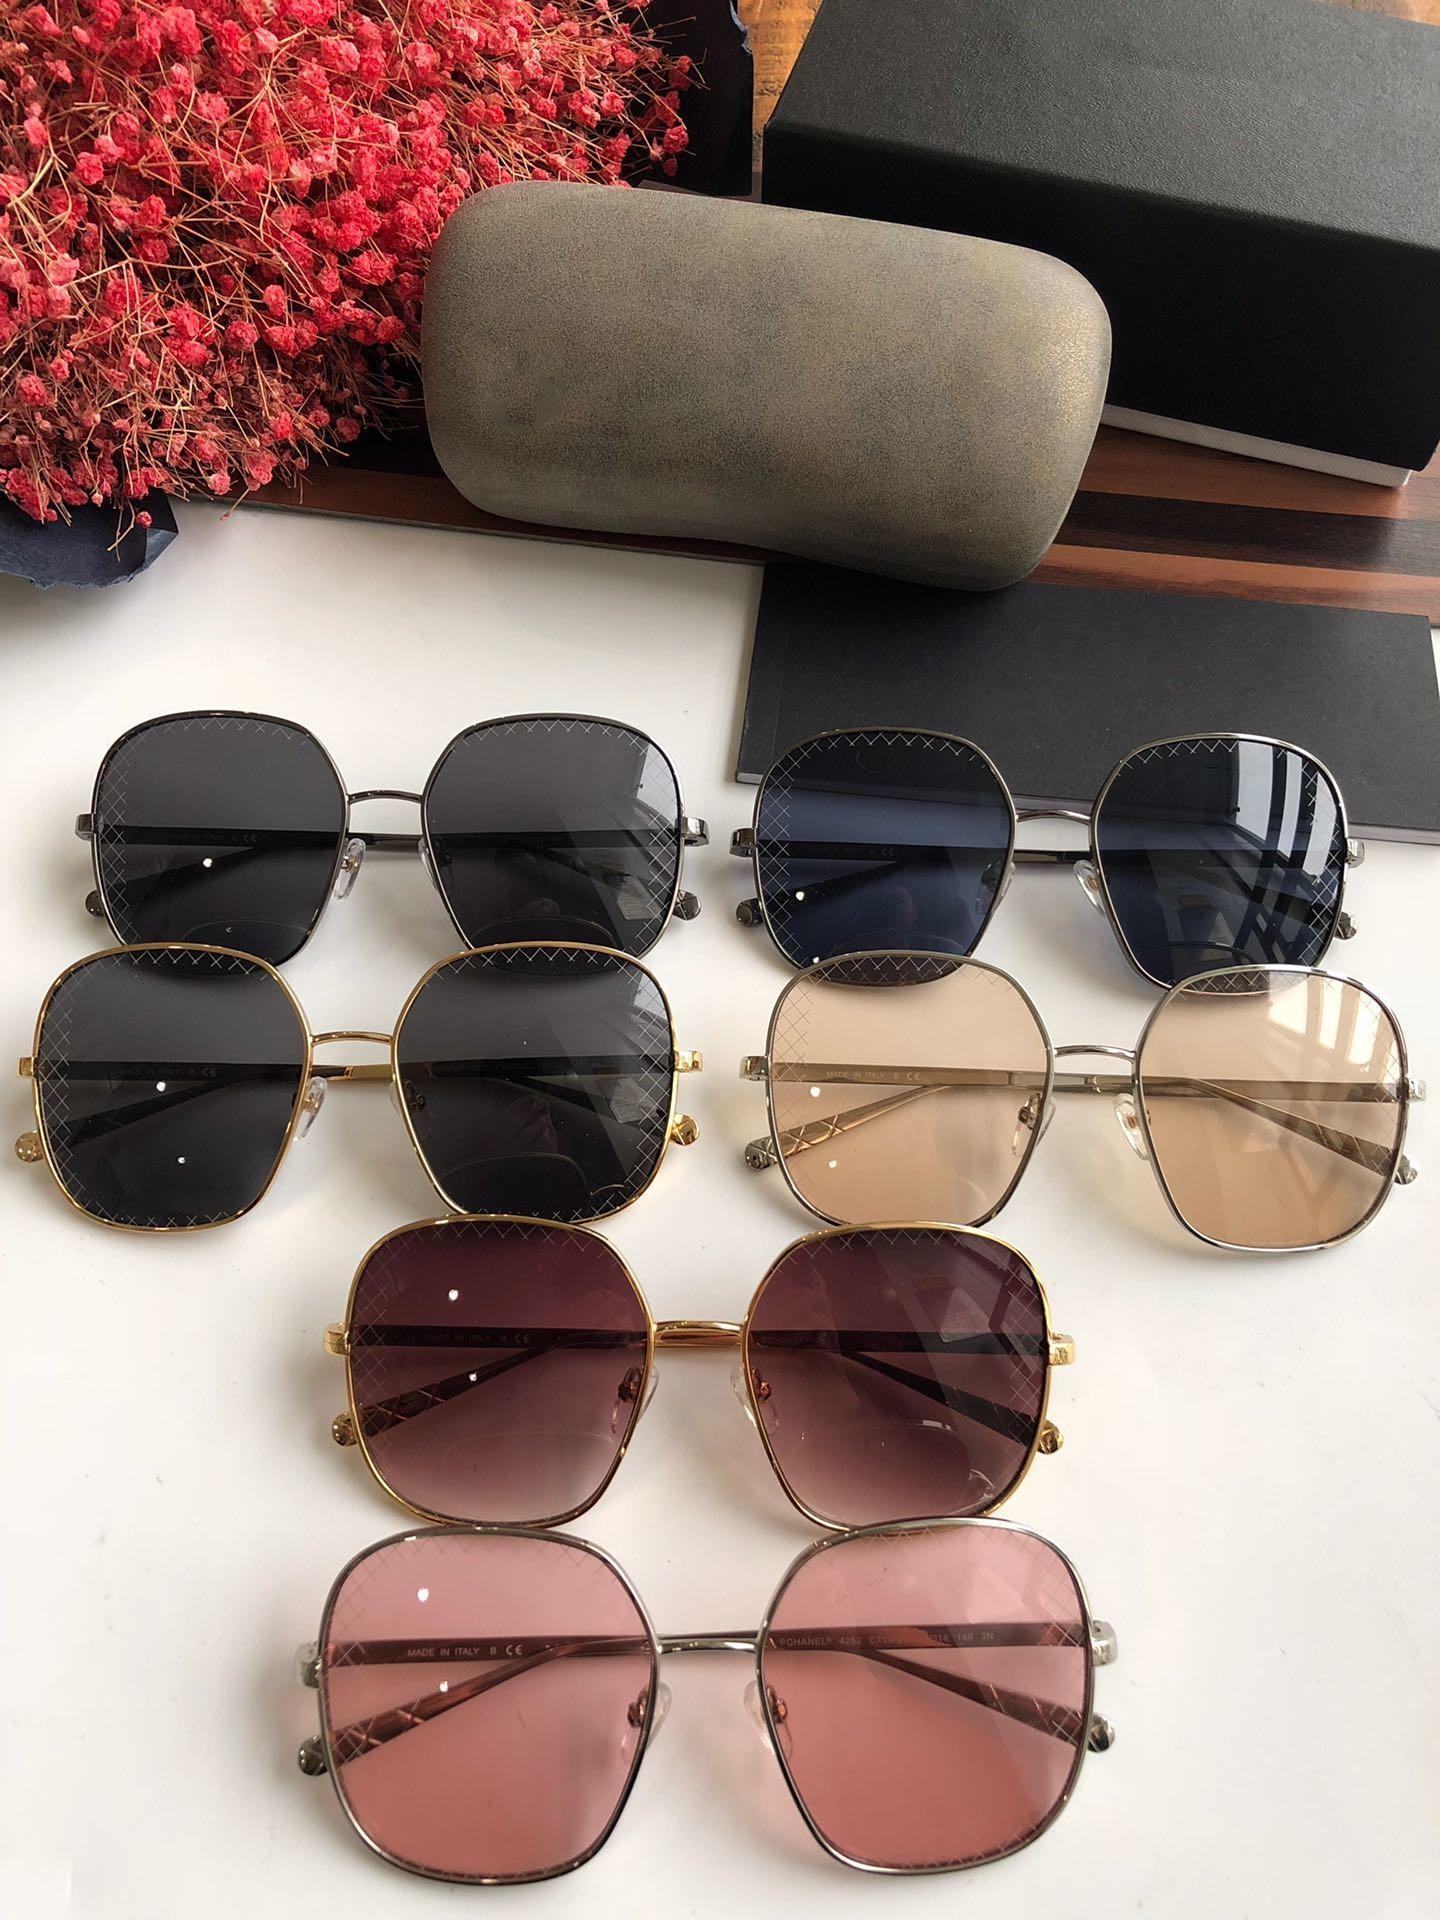 бренд дизайнер солнцезащитные очки для мужчин солнцезащитные очки для женщин женские солнцезащитные очки мужские бренд дизайнер покрытие УФ защита мужские солнцезащитные очки 4252